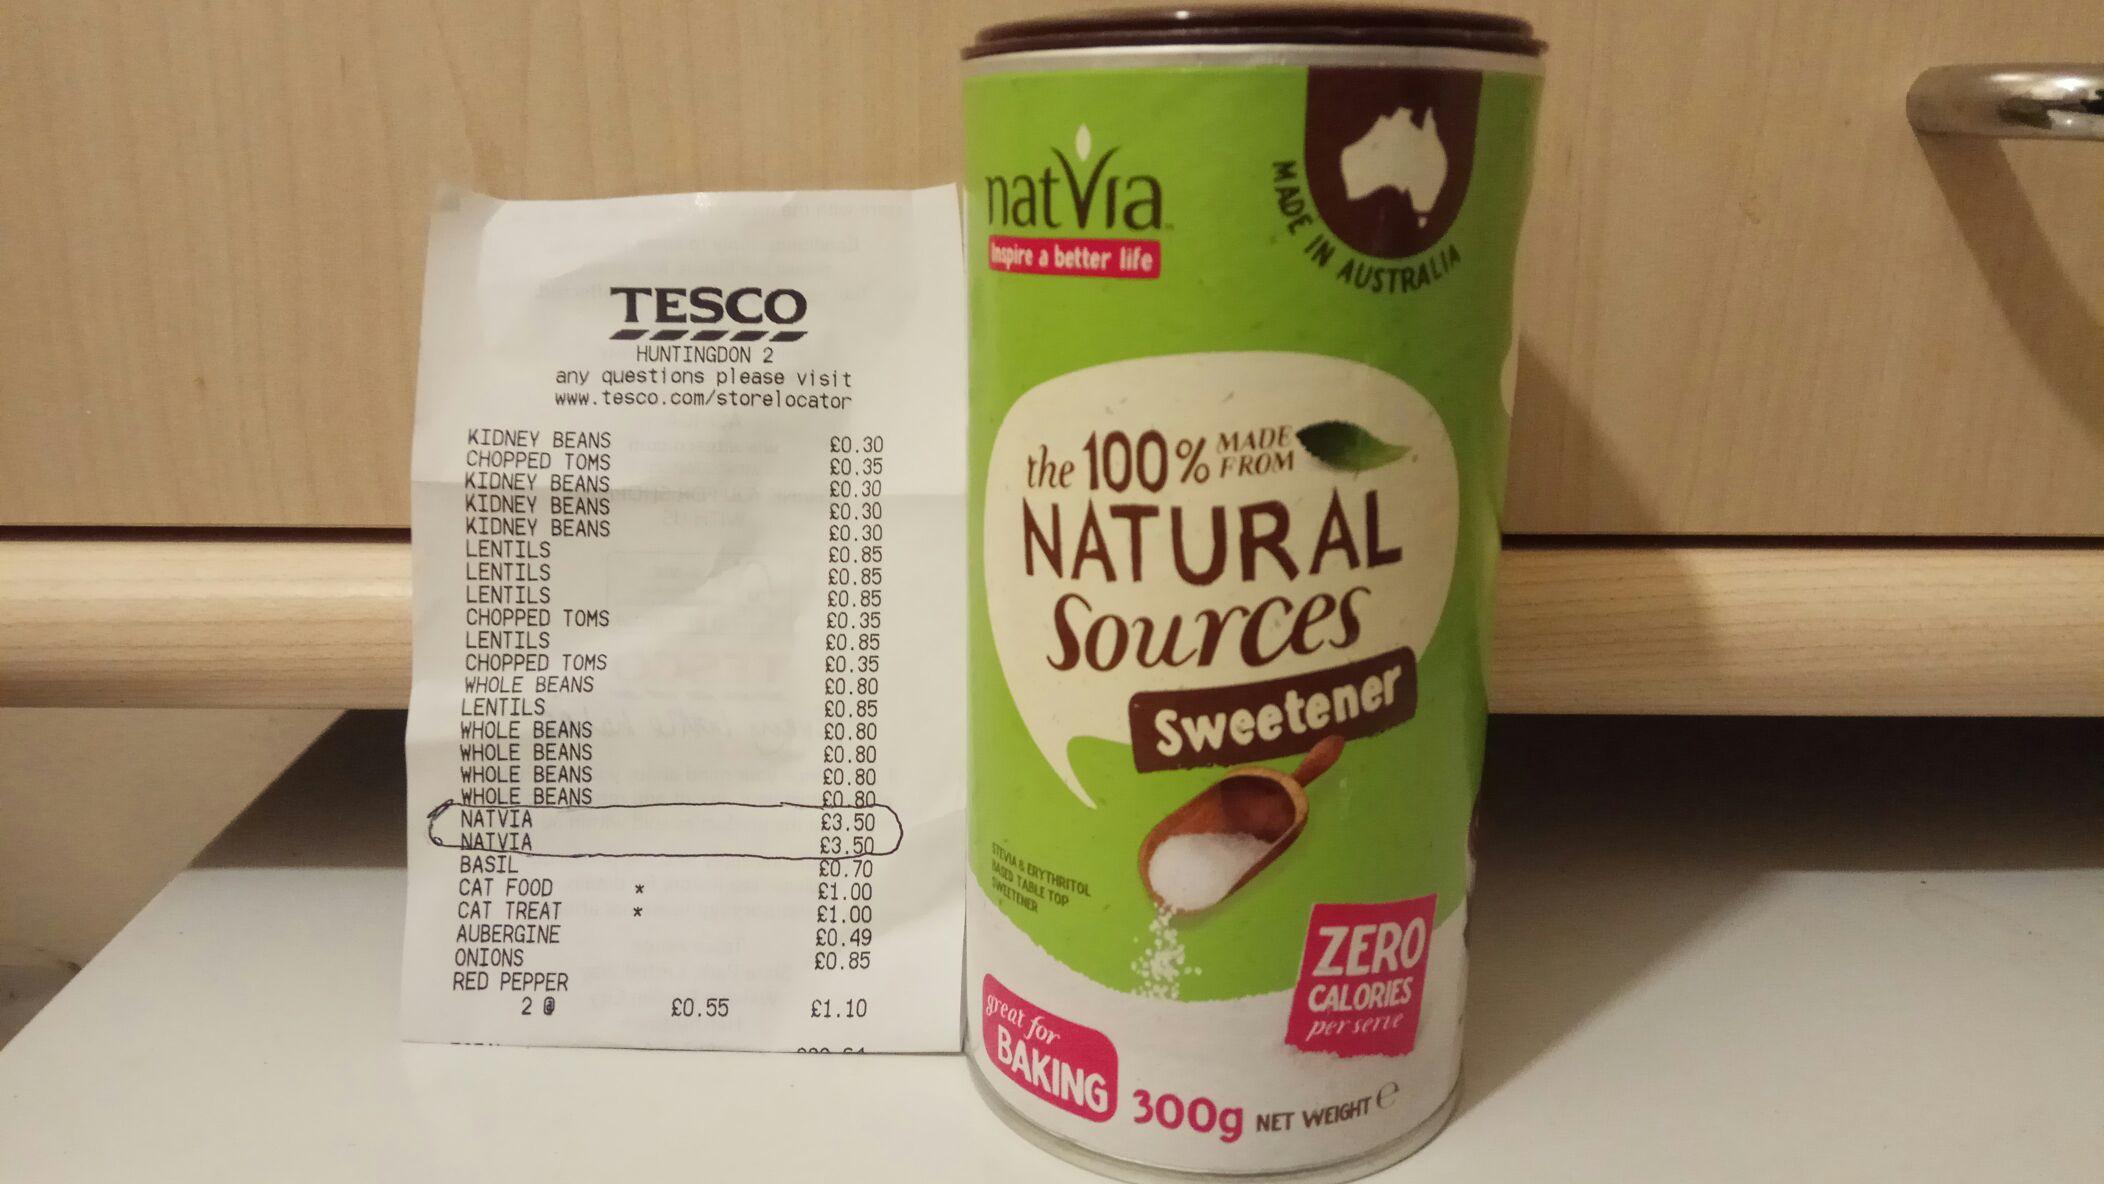 Natvia - Stevia Sweetner 300g - £3.50 instore @ Tesco